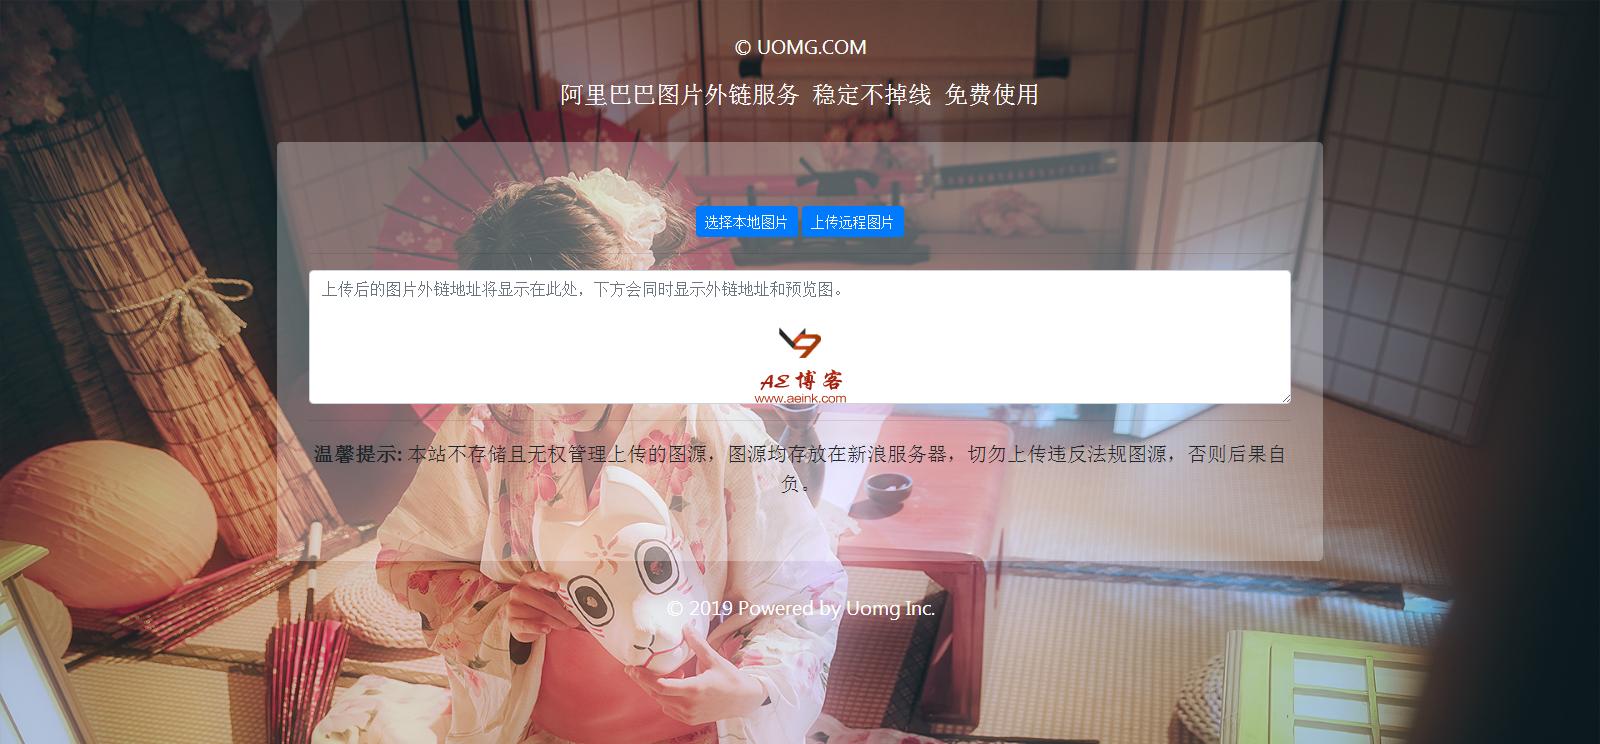 优启梦免费图床 - 阿里巴巴稳定图片外链服务 - UOMG.COM.png